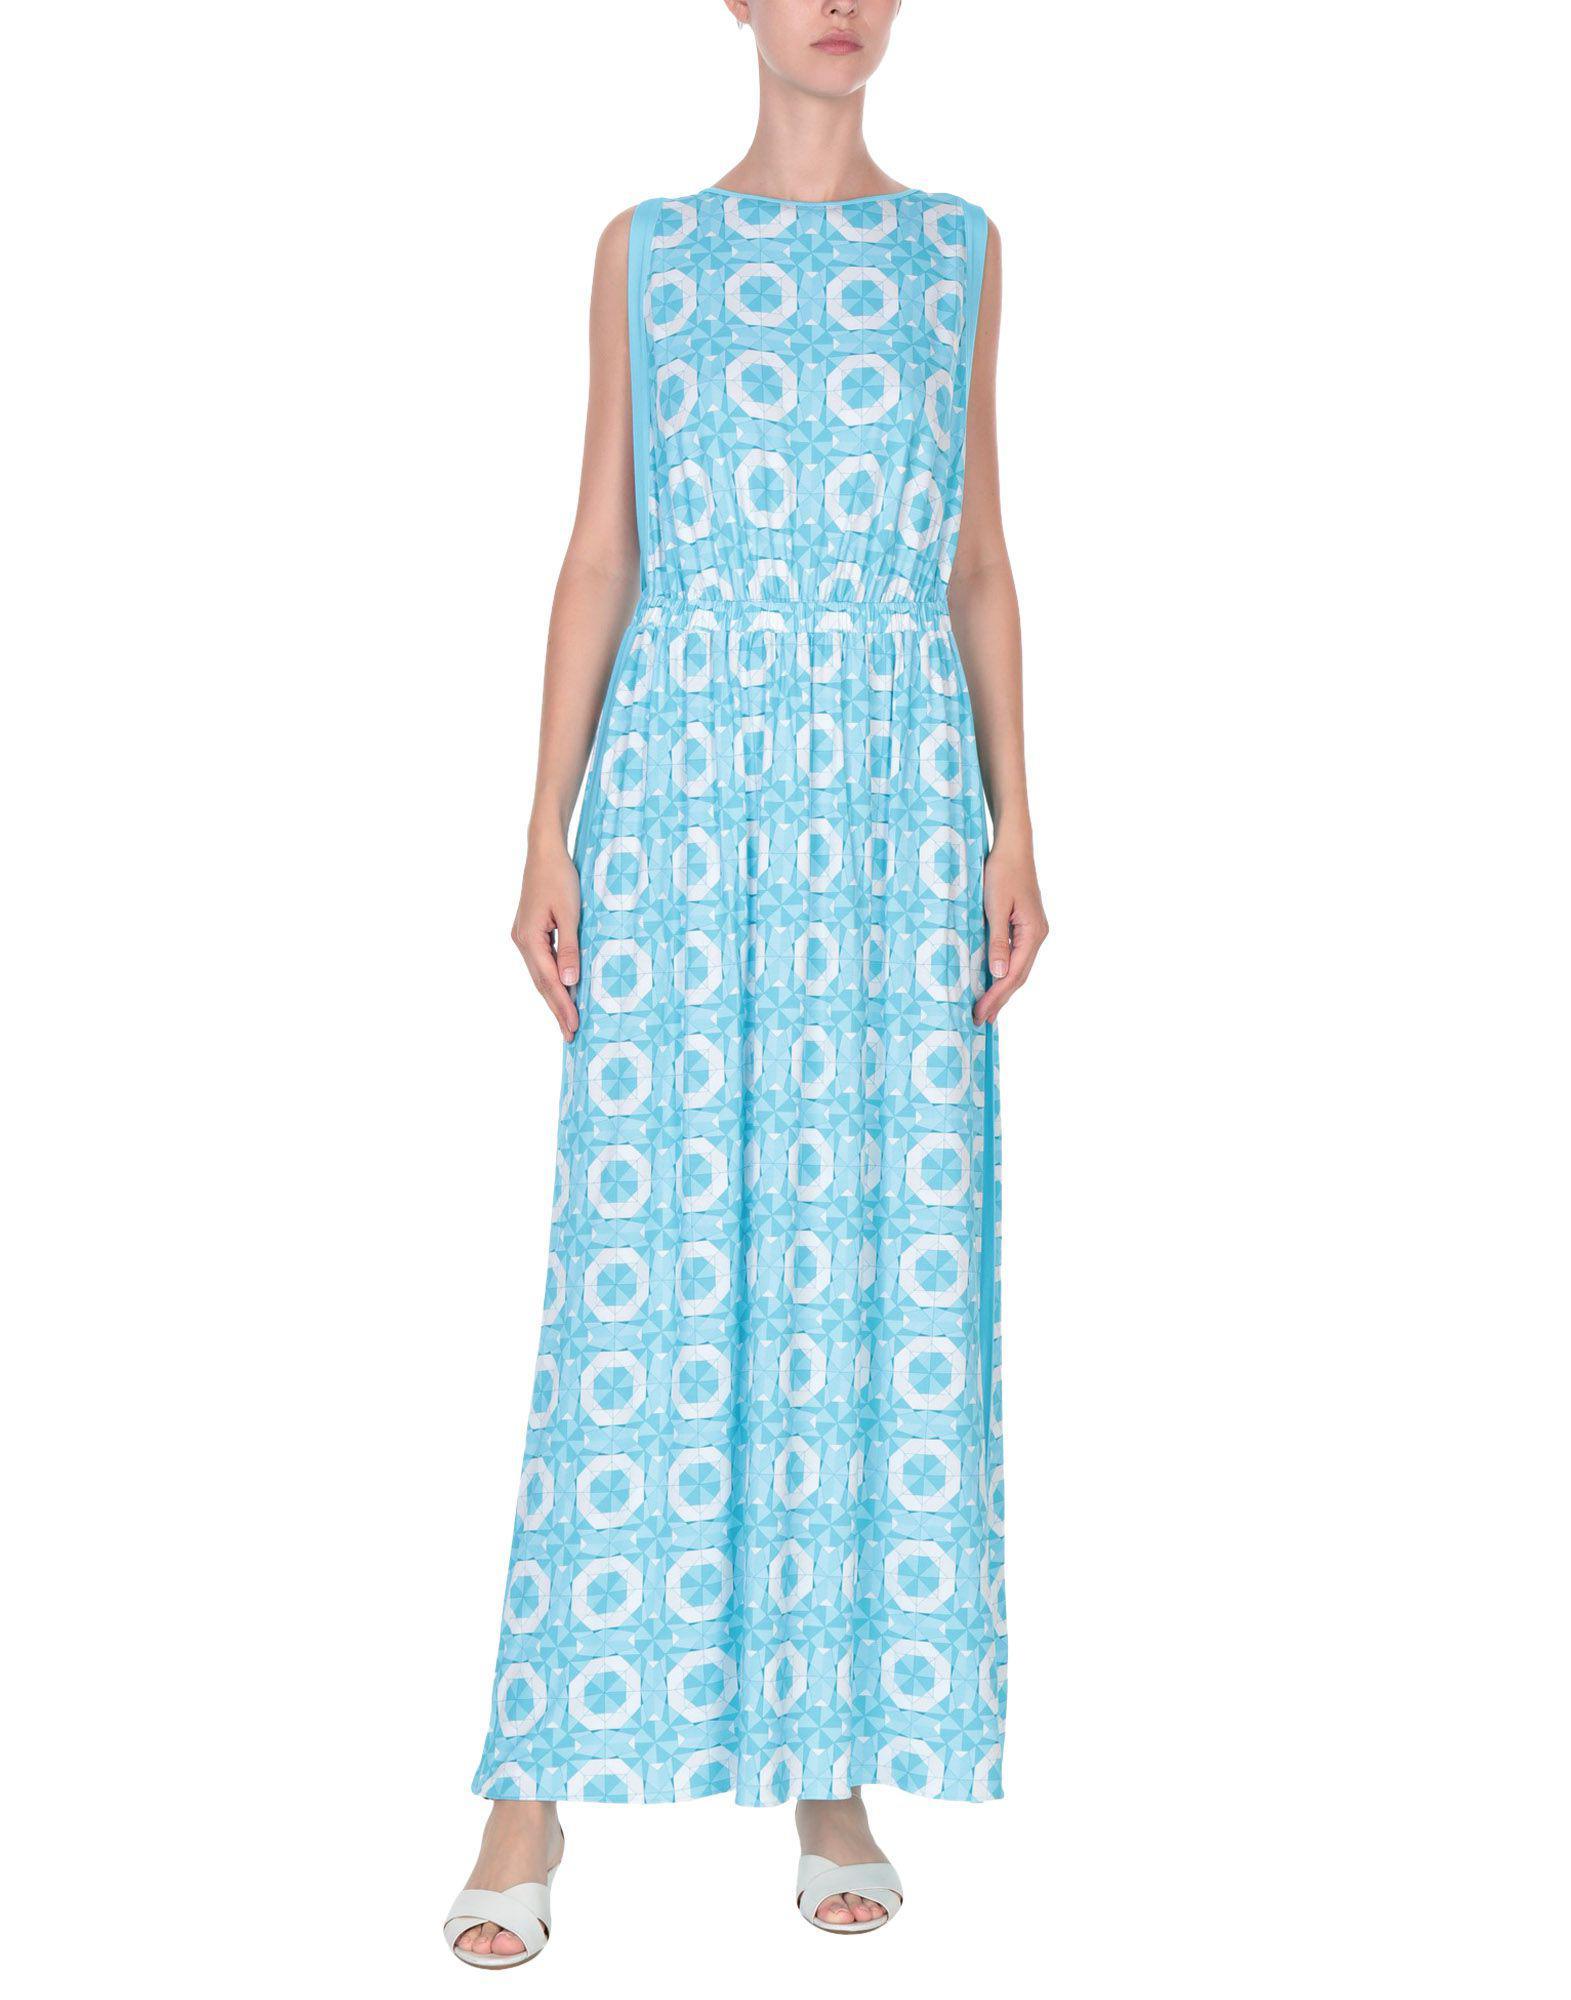 DRESSES - Long dresses Mila ZB Cheap Sale Sast Clearance Largest Supplier Tw2Vq